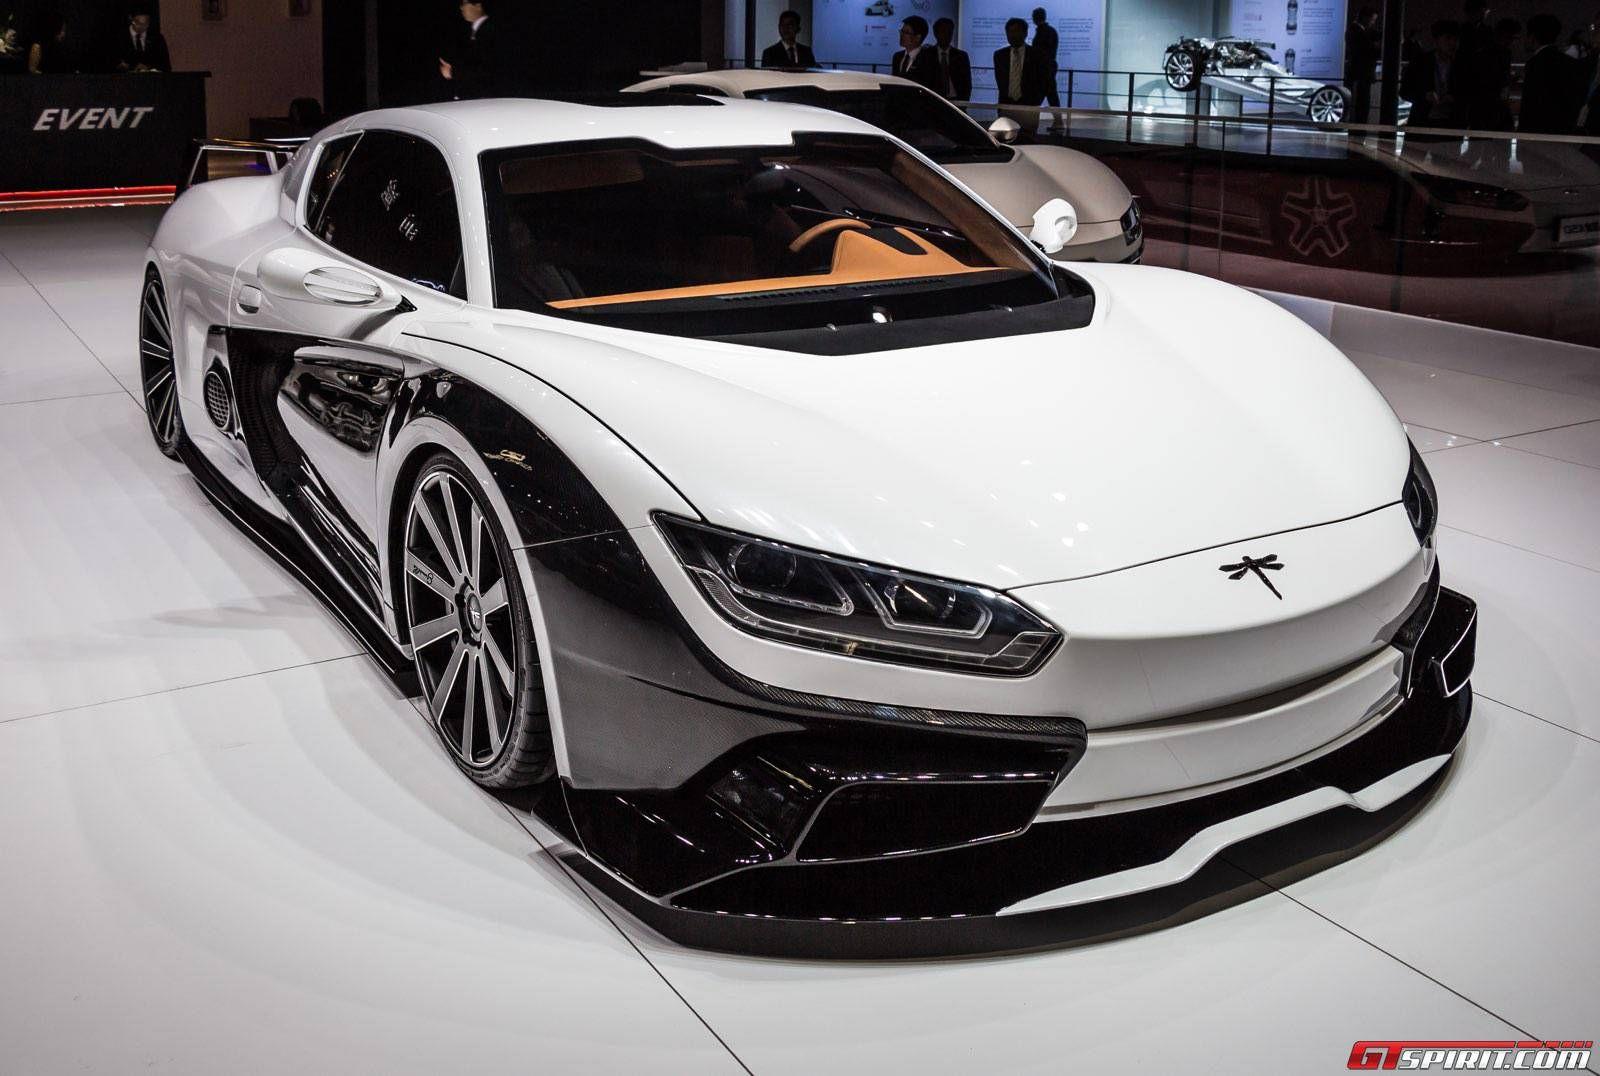 Shanghai 2015 Qiantu K50 Event In 2020 Super Cars Modern Muscle Cars Car